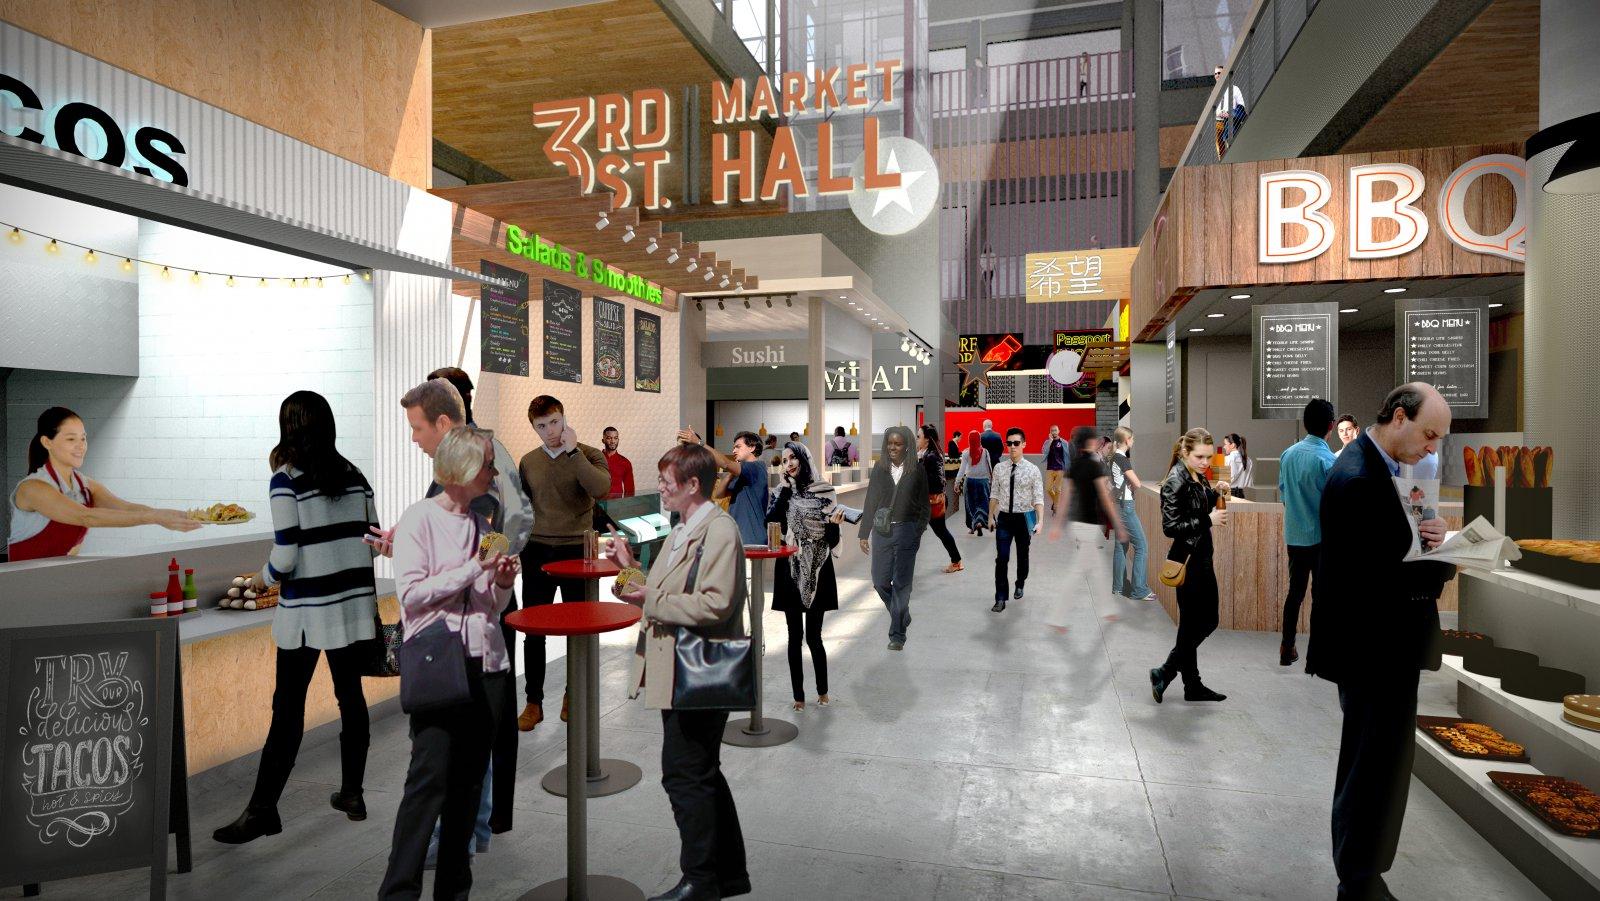 3rd Street Market Hall Rendering